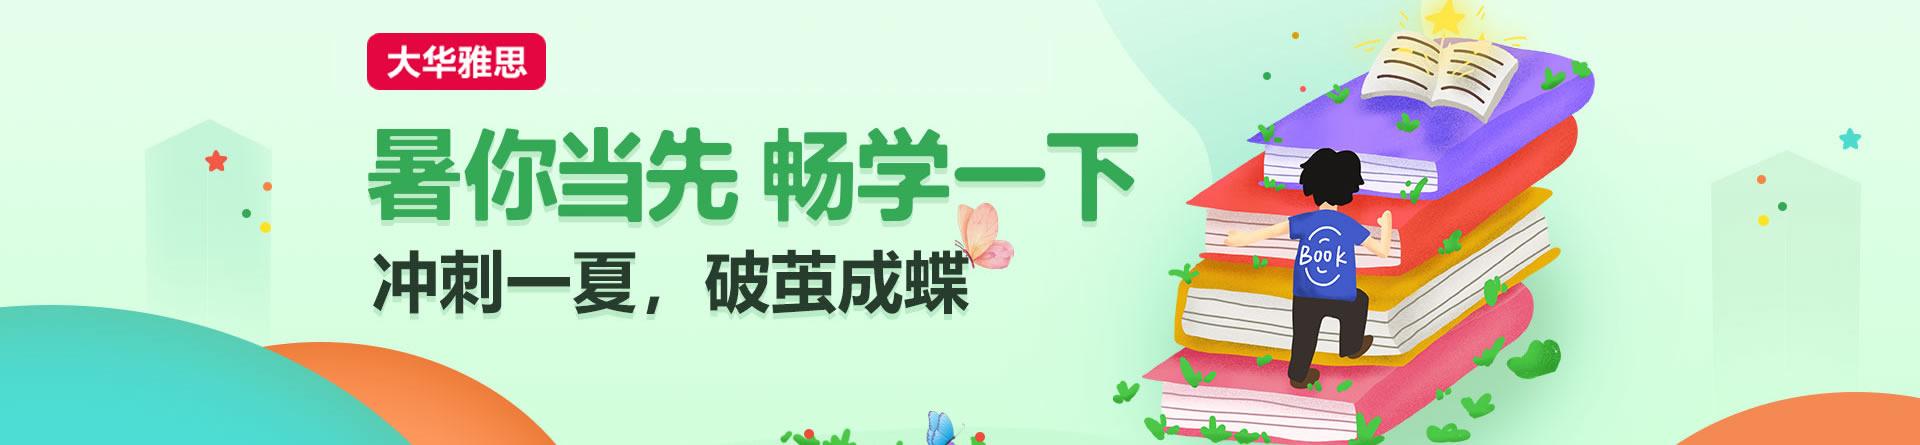 郑州大华雅思培训学校